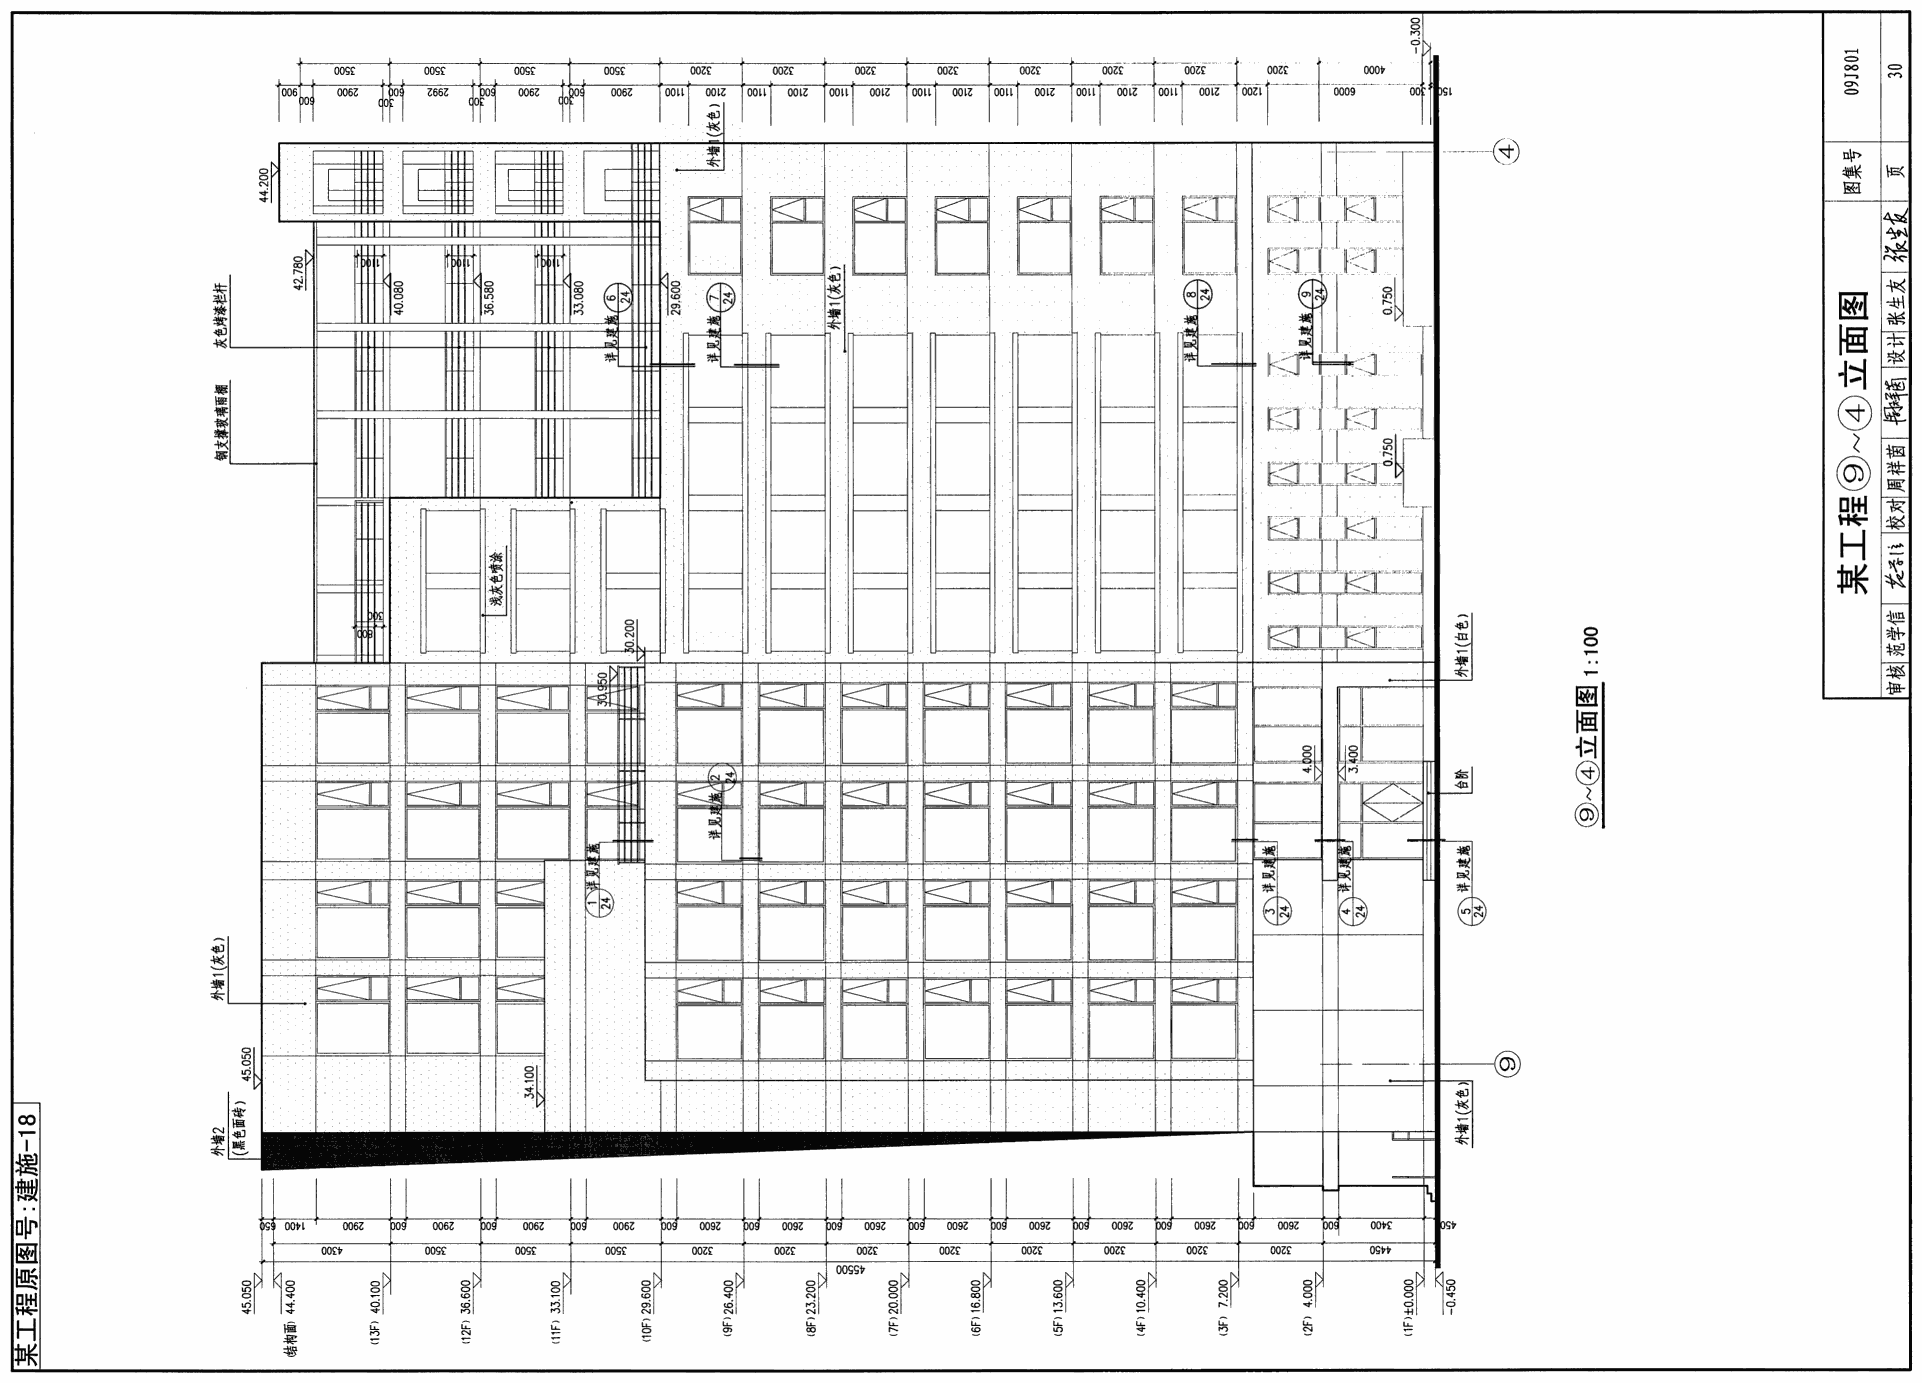 09j801:民用建筑工程建筑施工图v图样图样深度学平面设计的好大学图片